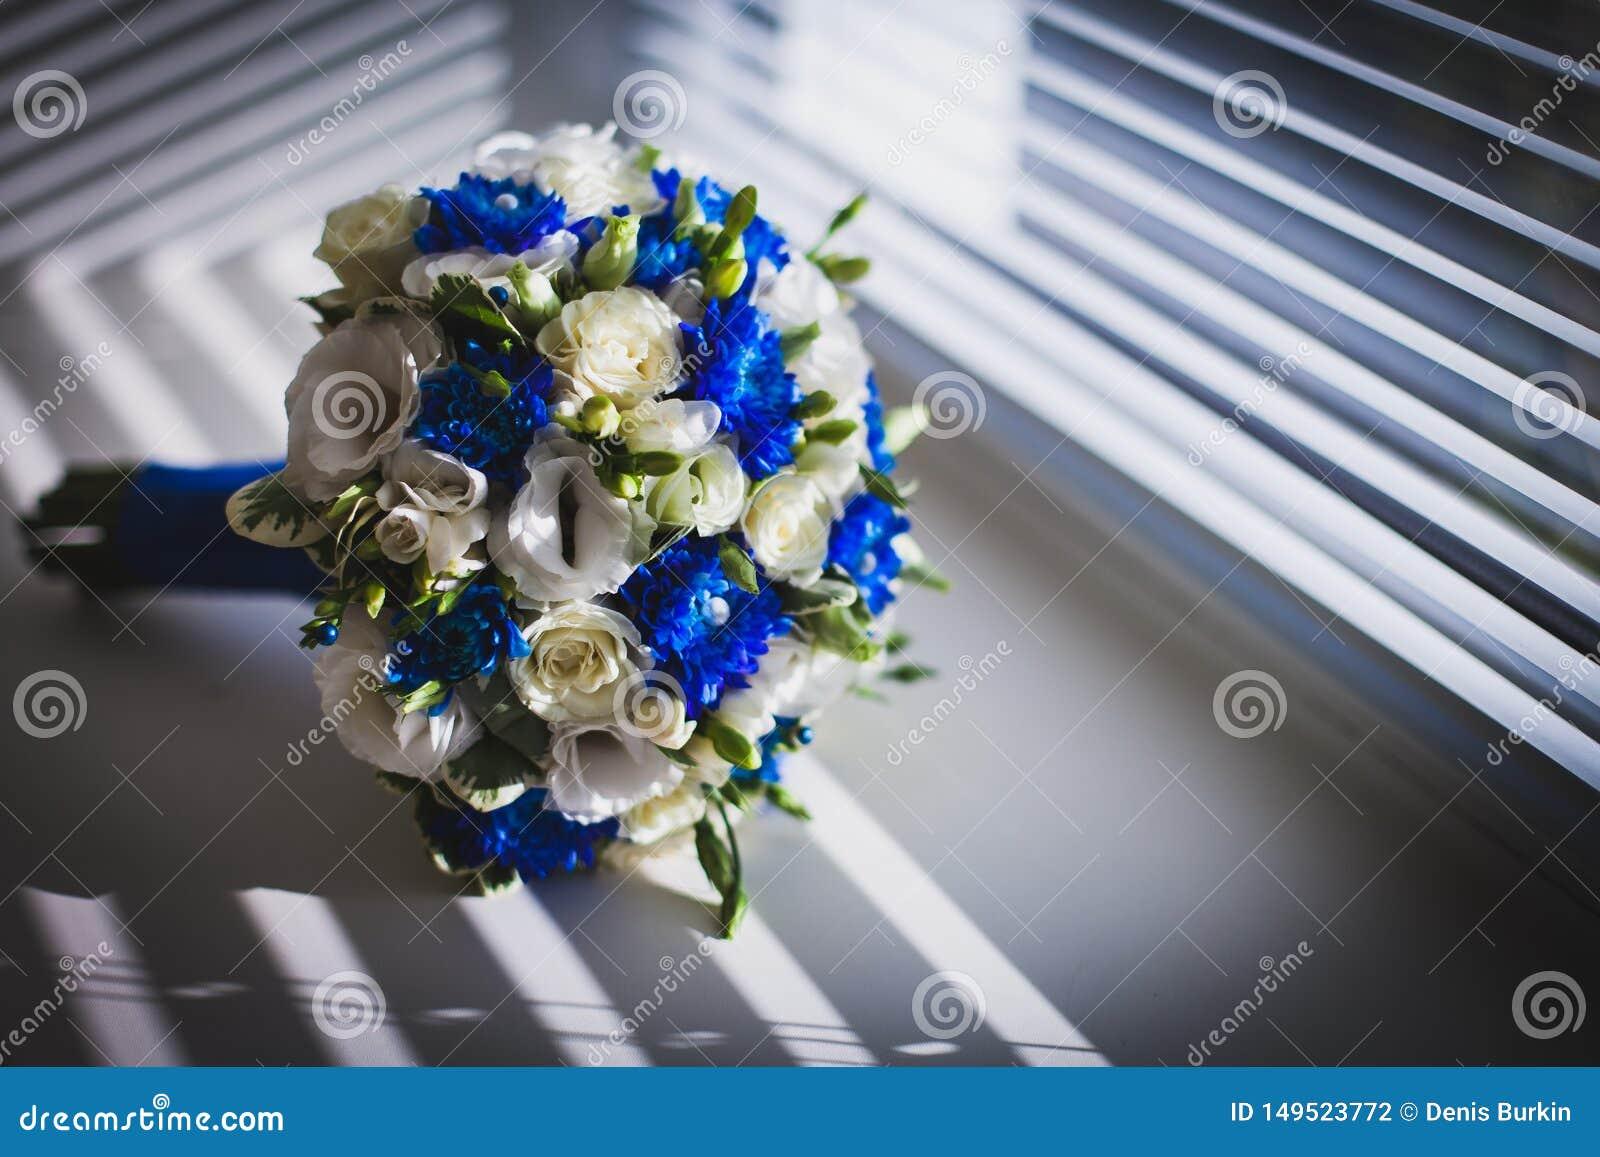 Γαμήλια ανθοδέσμη στο παράθυρο με τους τυφλούς οι ιδιότητες του νεόνυμφου πρόσφατα παντρεμένο ζευγάρι